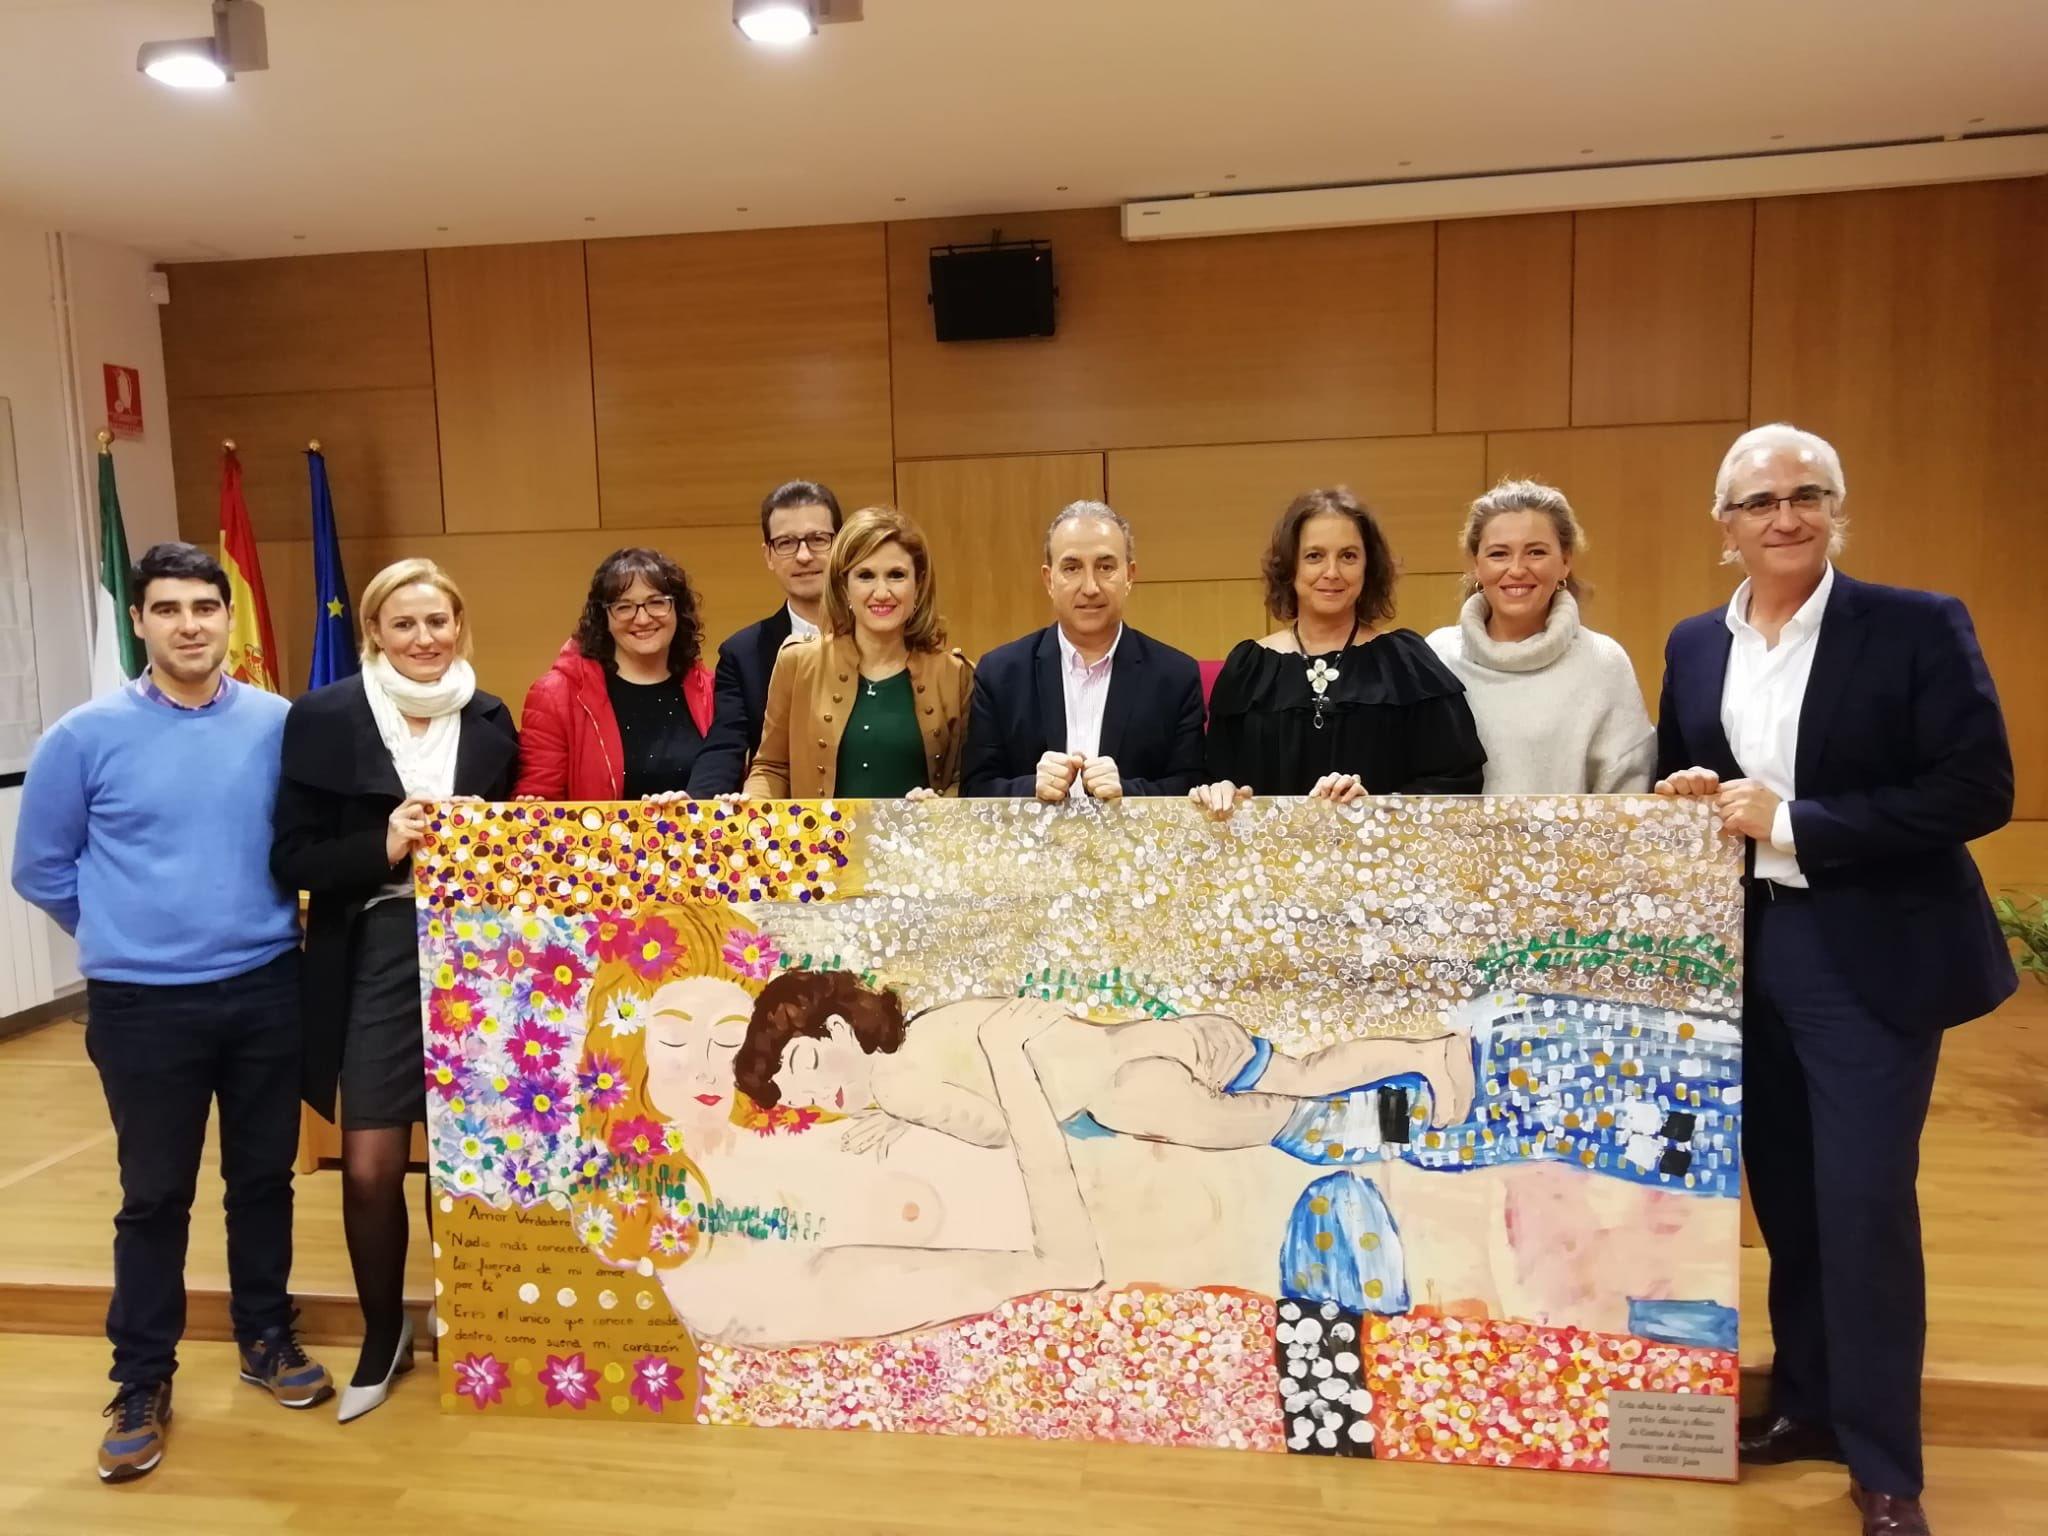 Aspace Jaén dona un cuadro realizado por los chic@s del Centro de Día a la Delegación de Salud y Familias